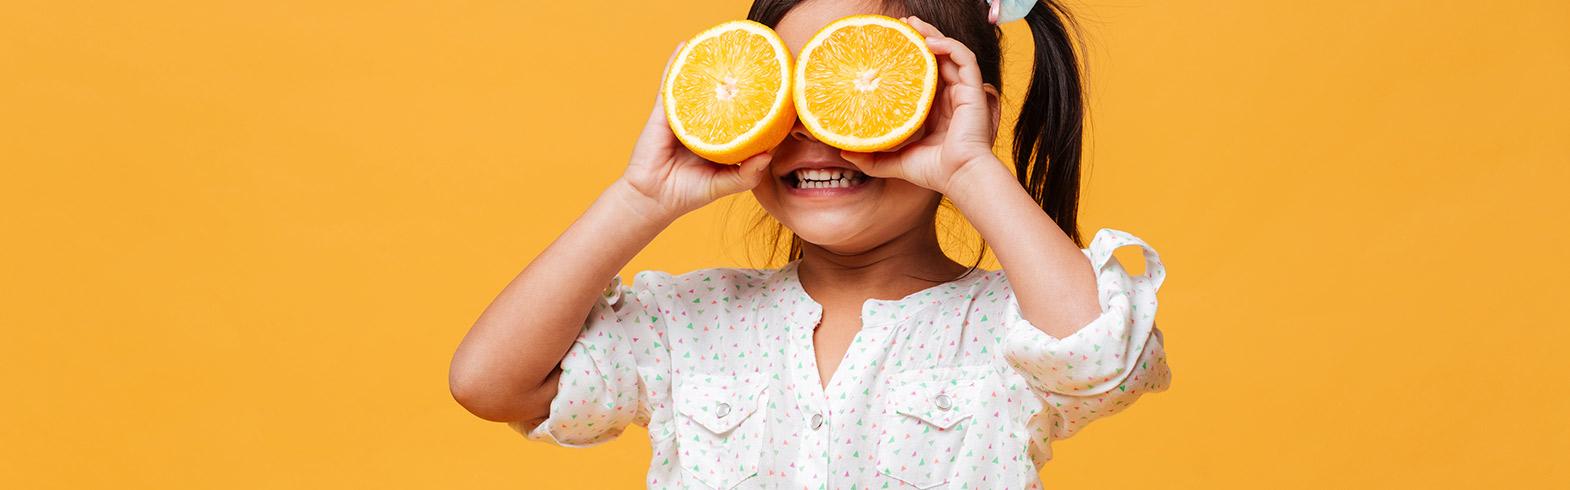 Dieta en la niñez